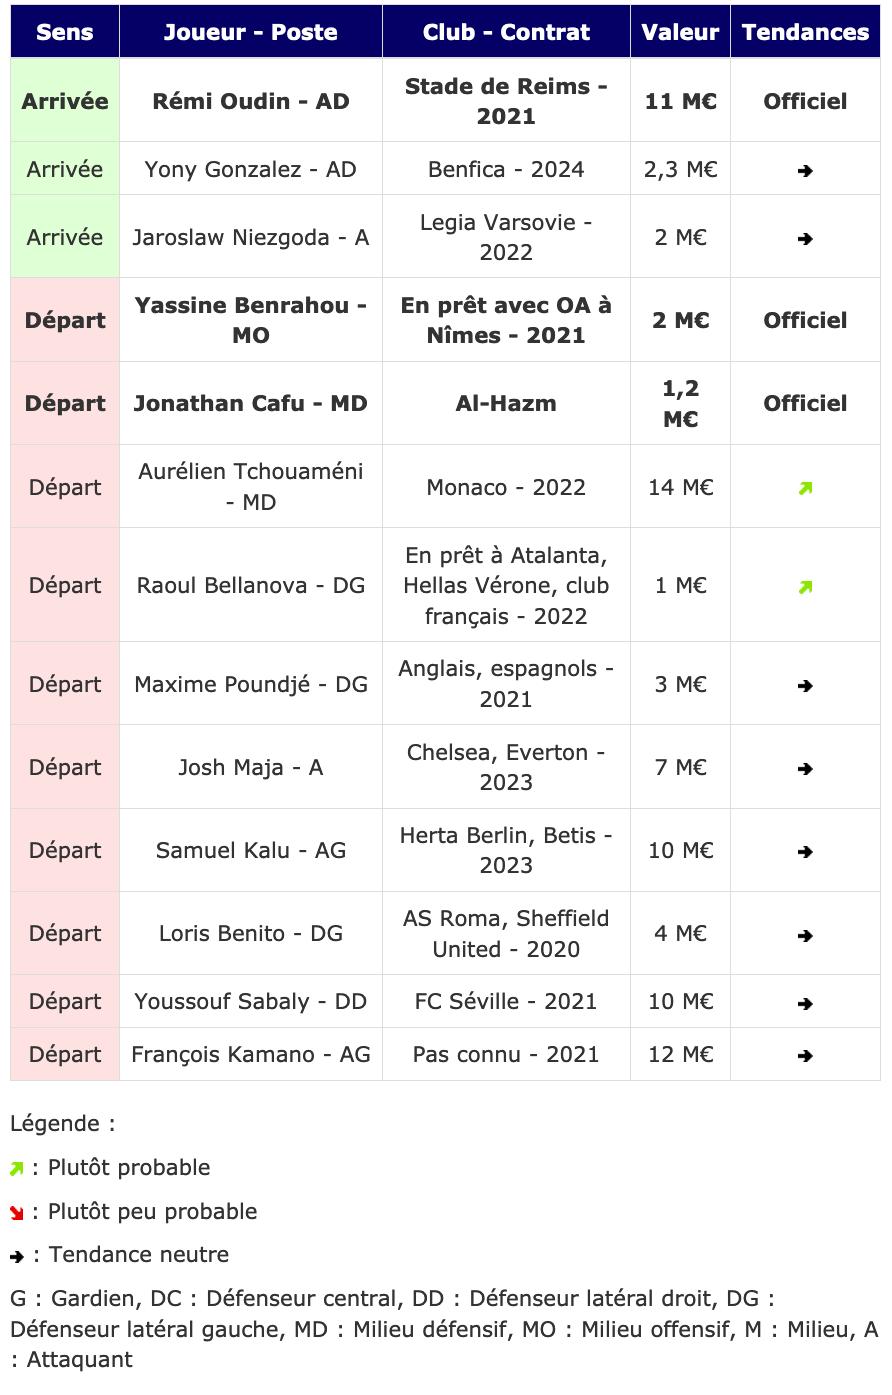 Le Tableau Des Transferts Du 27 Janvier Girondins Girondins Actualite Par Webgirondins Girondins De Bordeaux Mercato Infos Et Transferts Depuis 2001 Avec Le 1er E Media Independant Sur Les Girondins